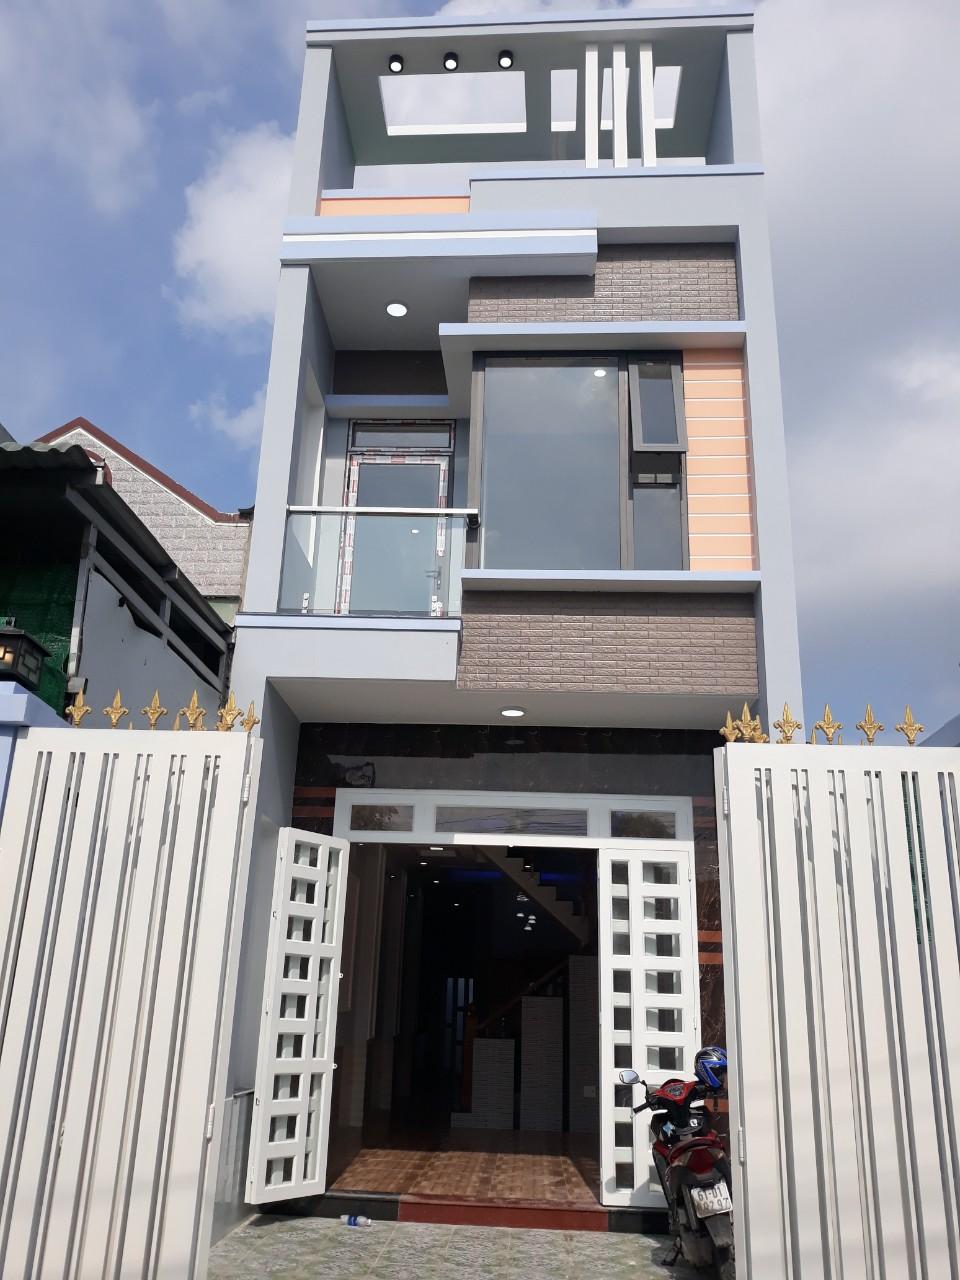 Bán nhà 1 lầu 1 trệt,giá rẻ,đường phan bội châu,dĩ an,bình dương,104m